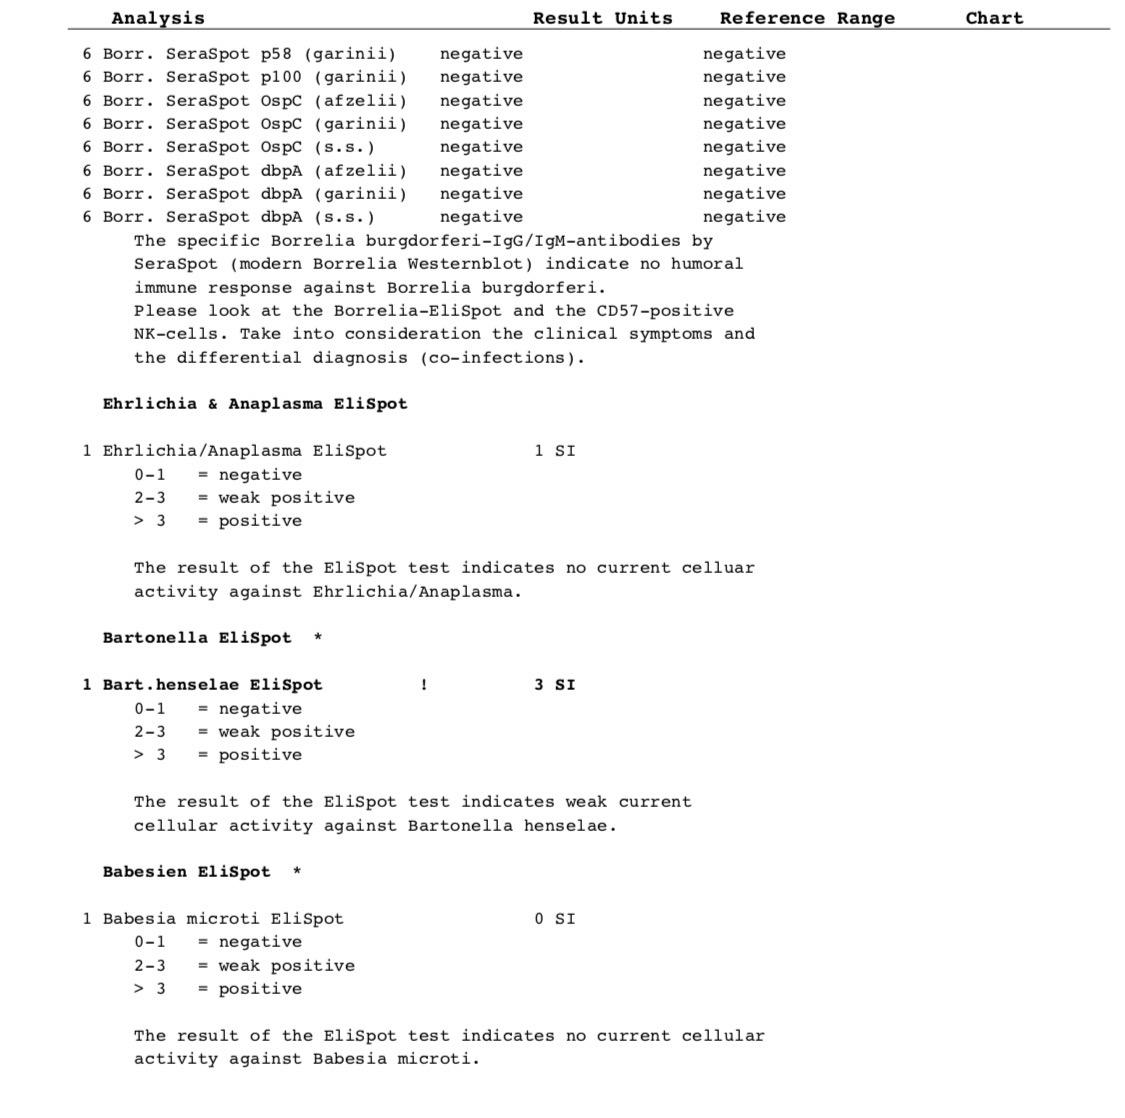 6FF1E6D0-F780-4DA8-91B8-D3C067F201BF.jpeg